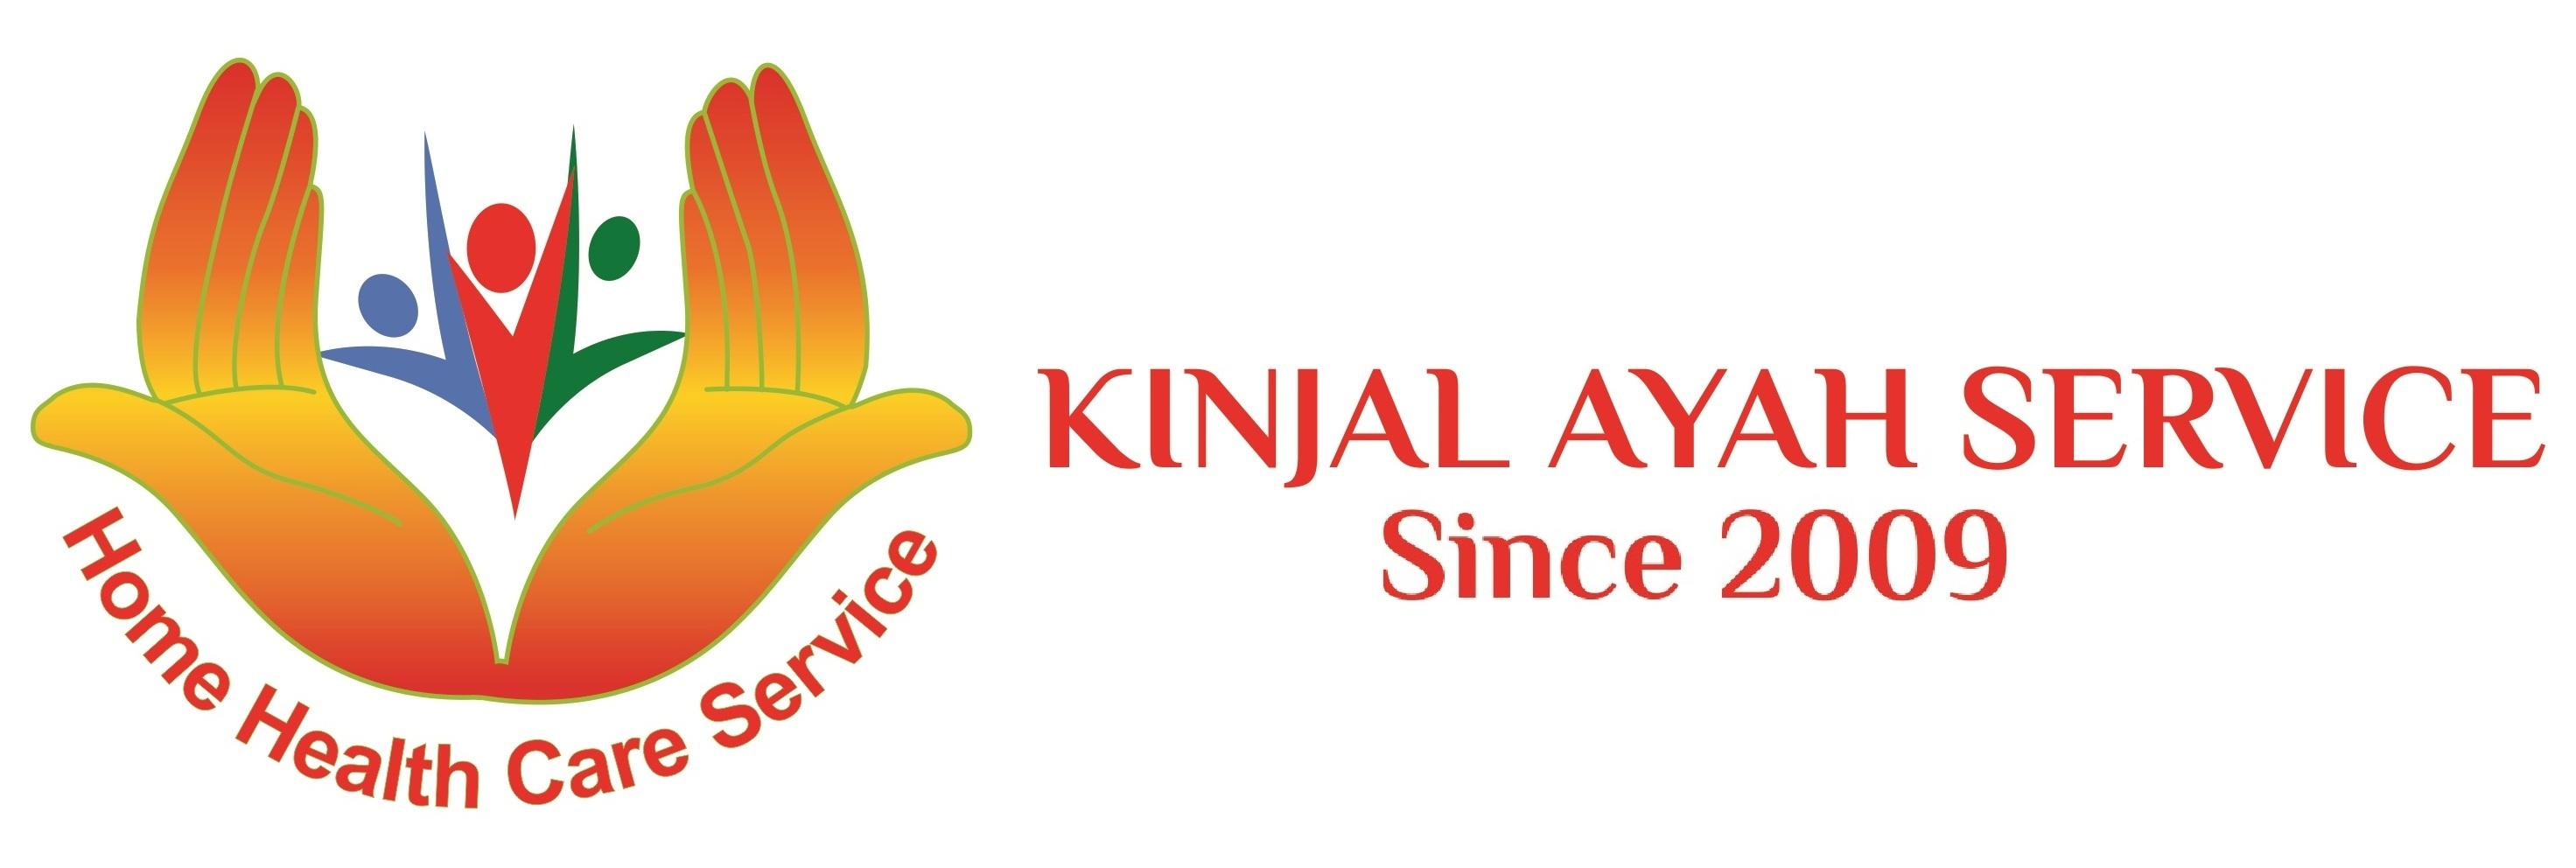 KINJAL AYAH